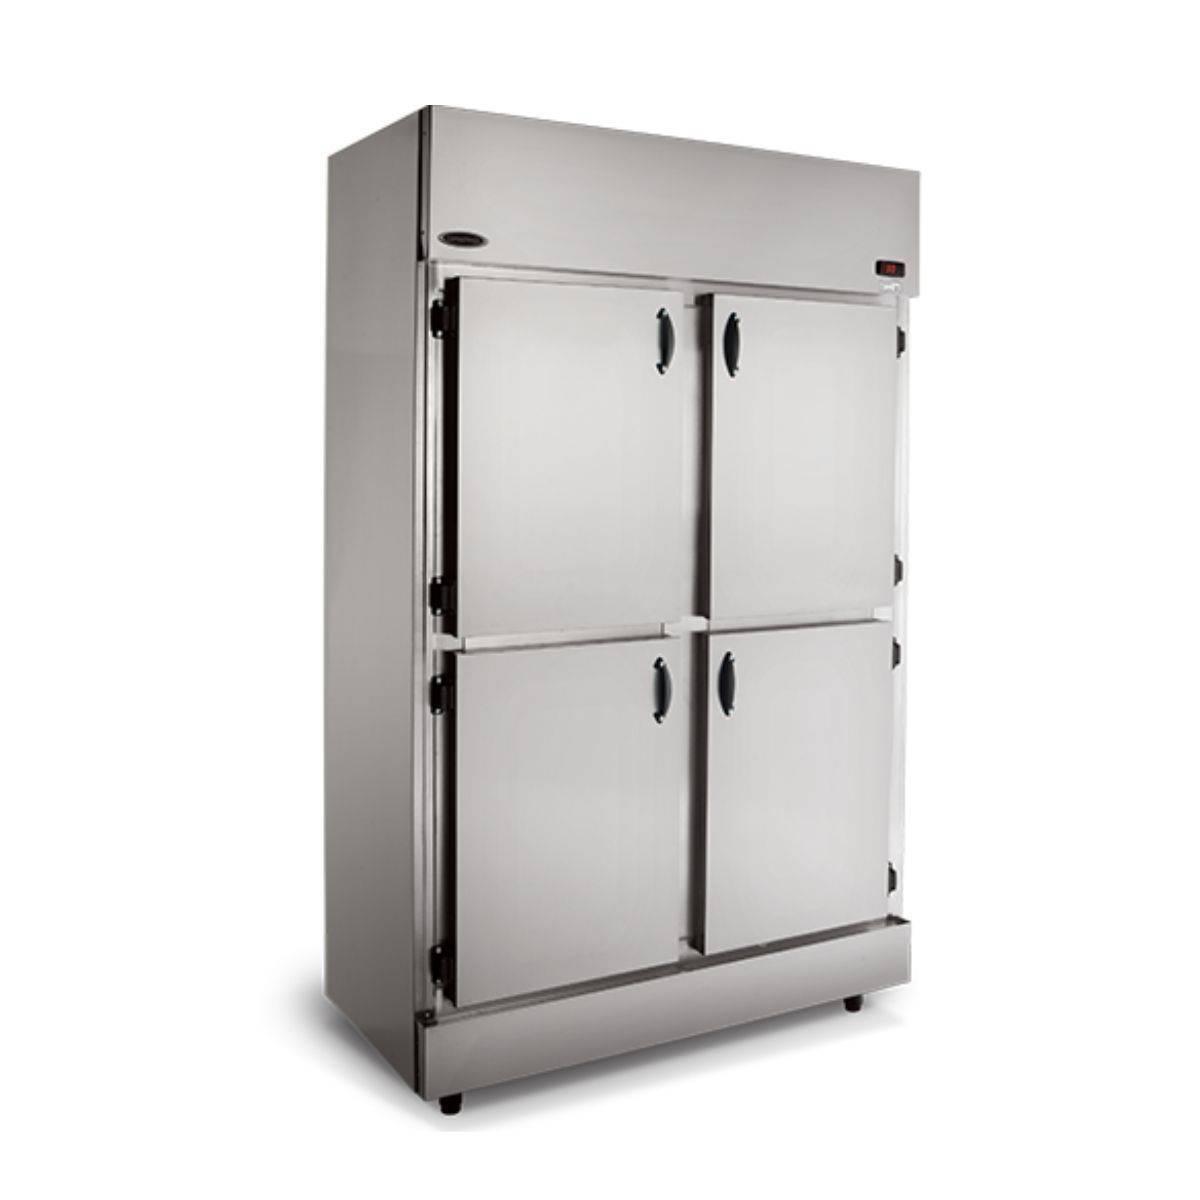 Geladeira Comercial 4 Portas Inox RC-4 Conservex - Magazine do Chef